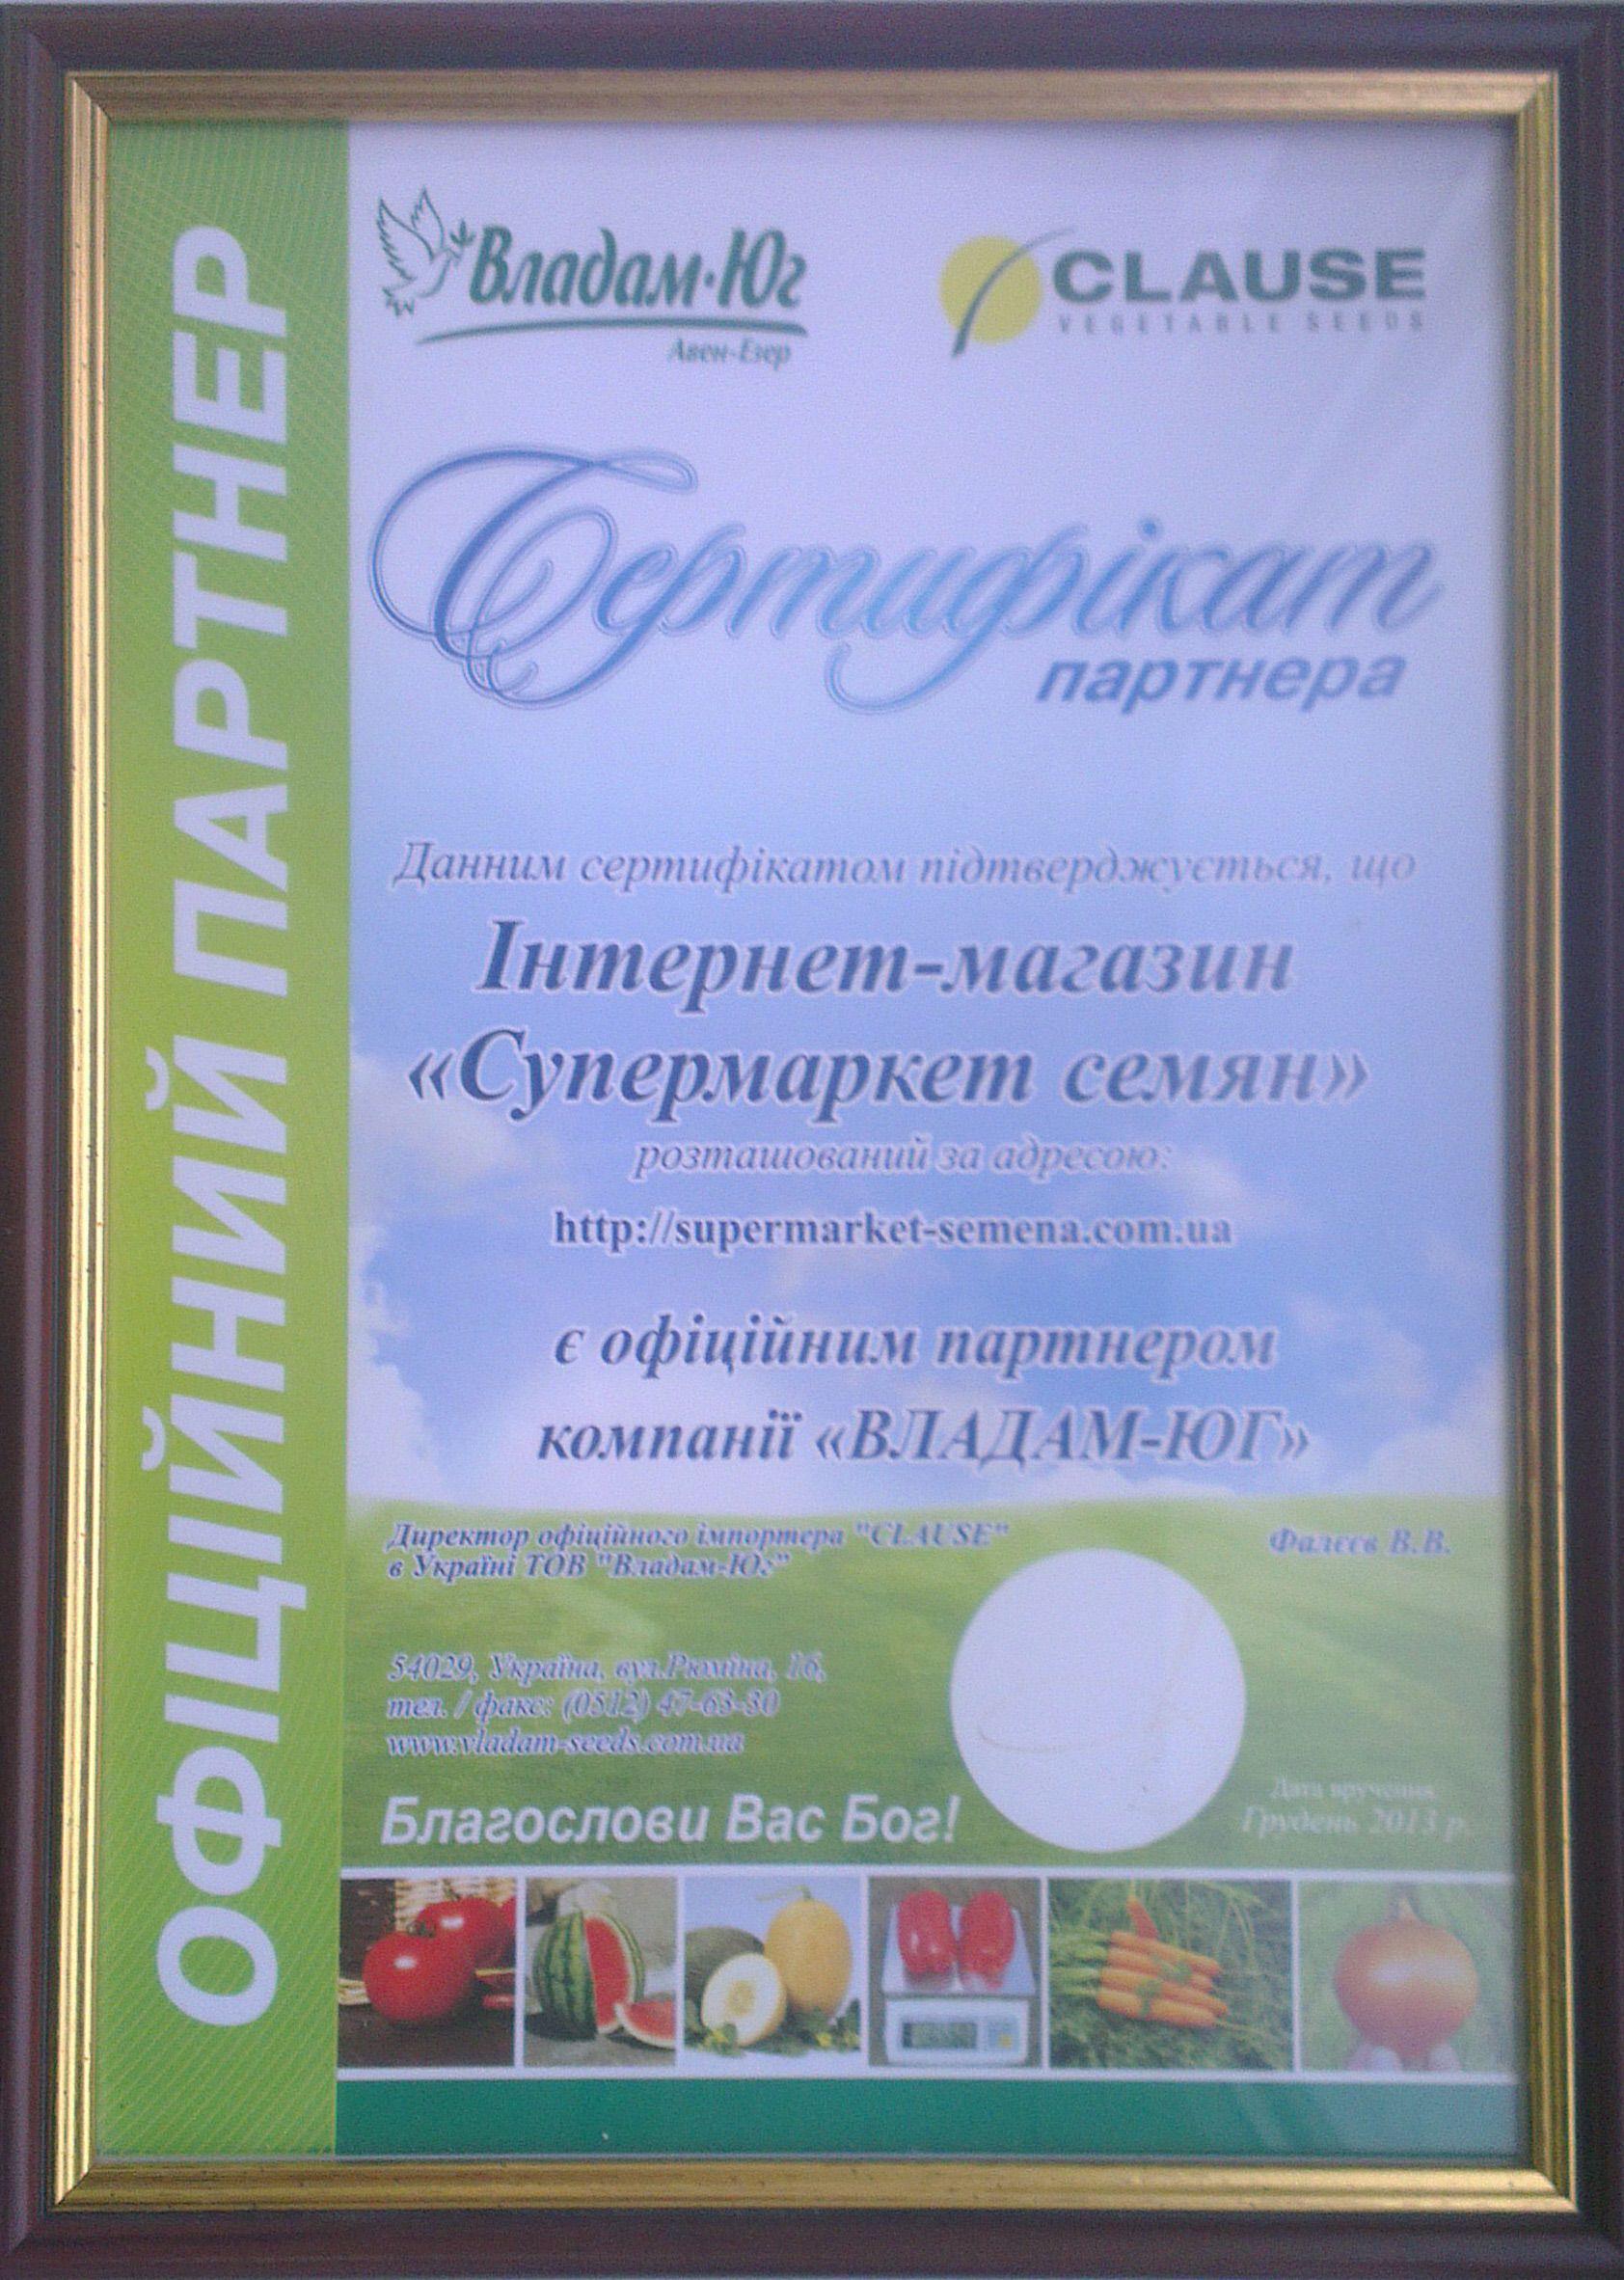 Сертификат партнера Clause